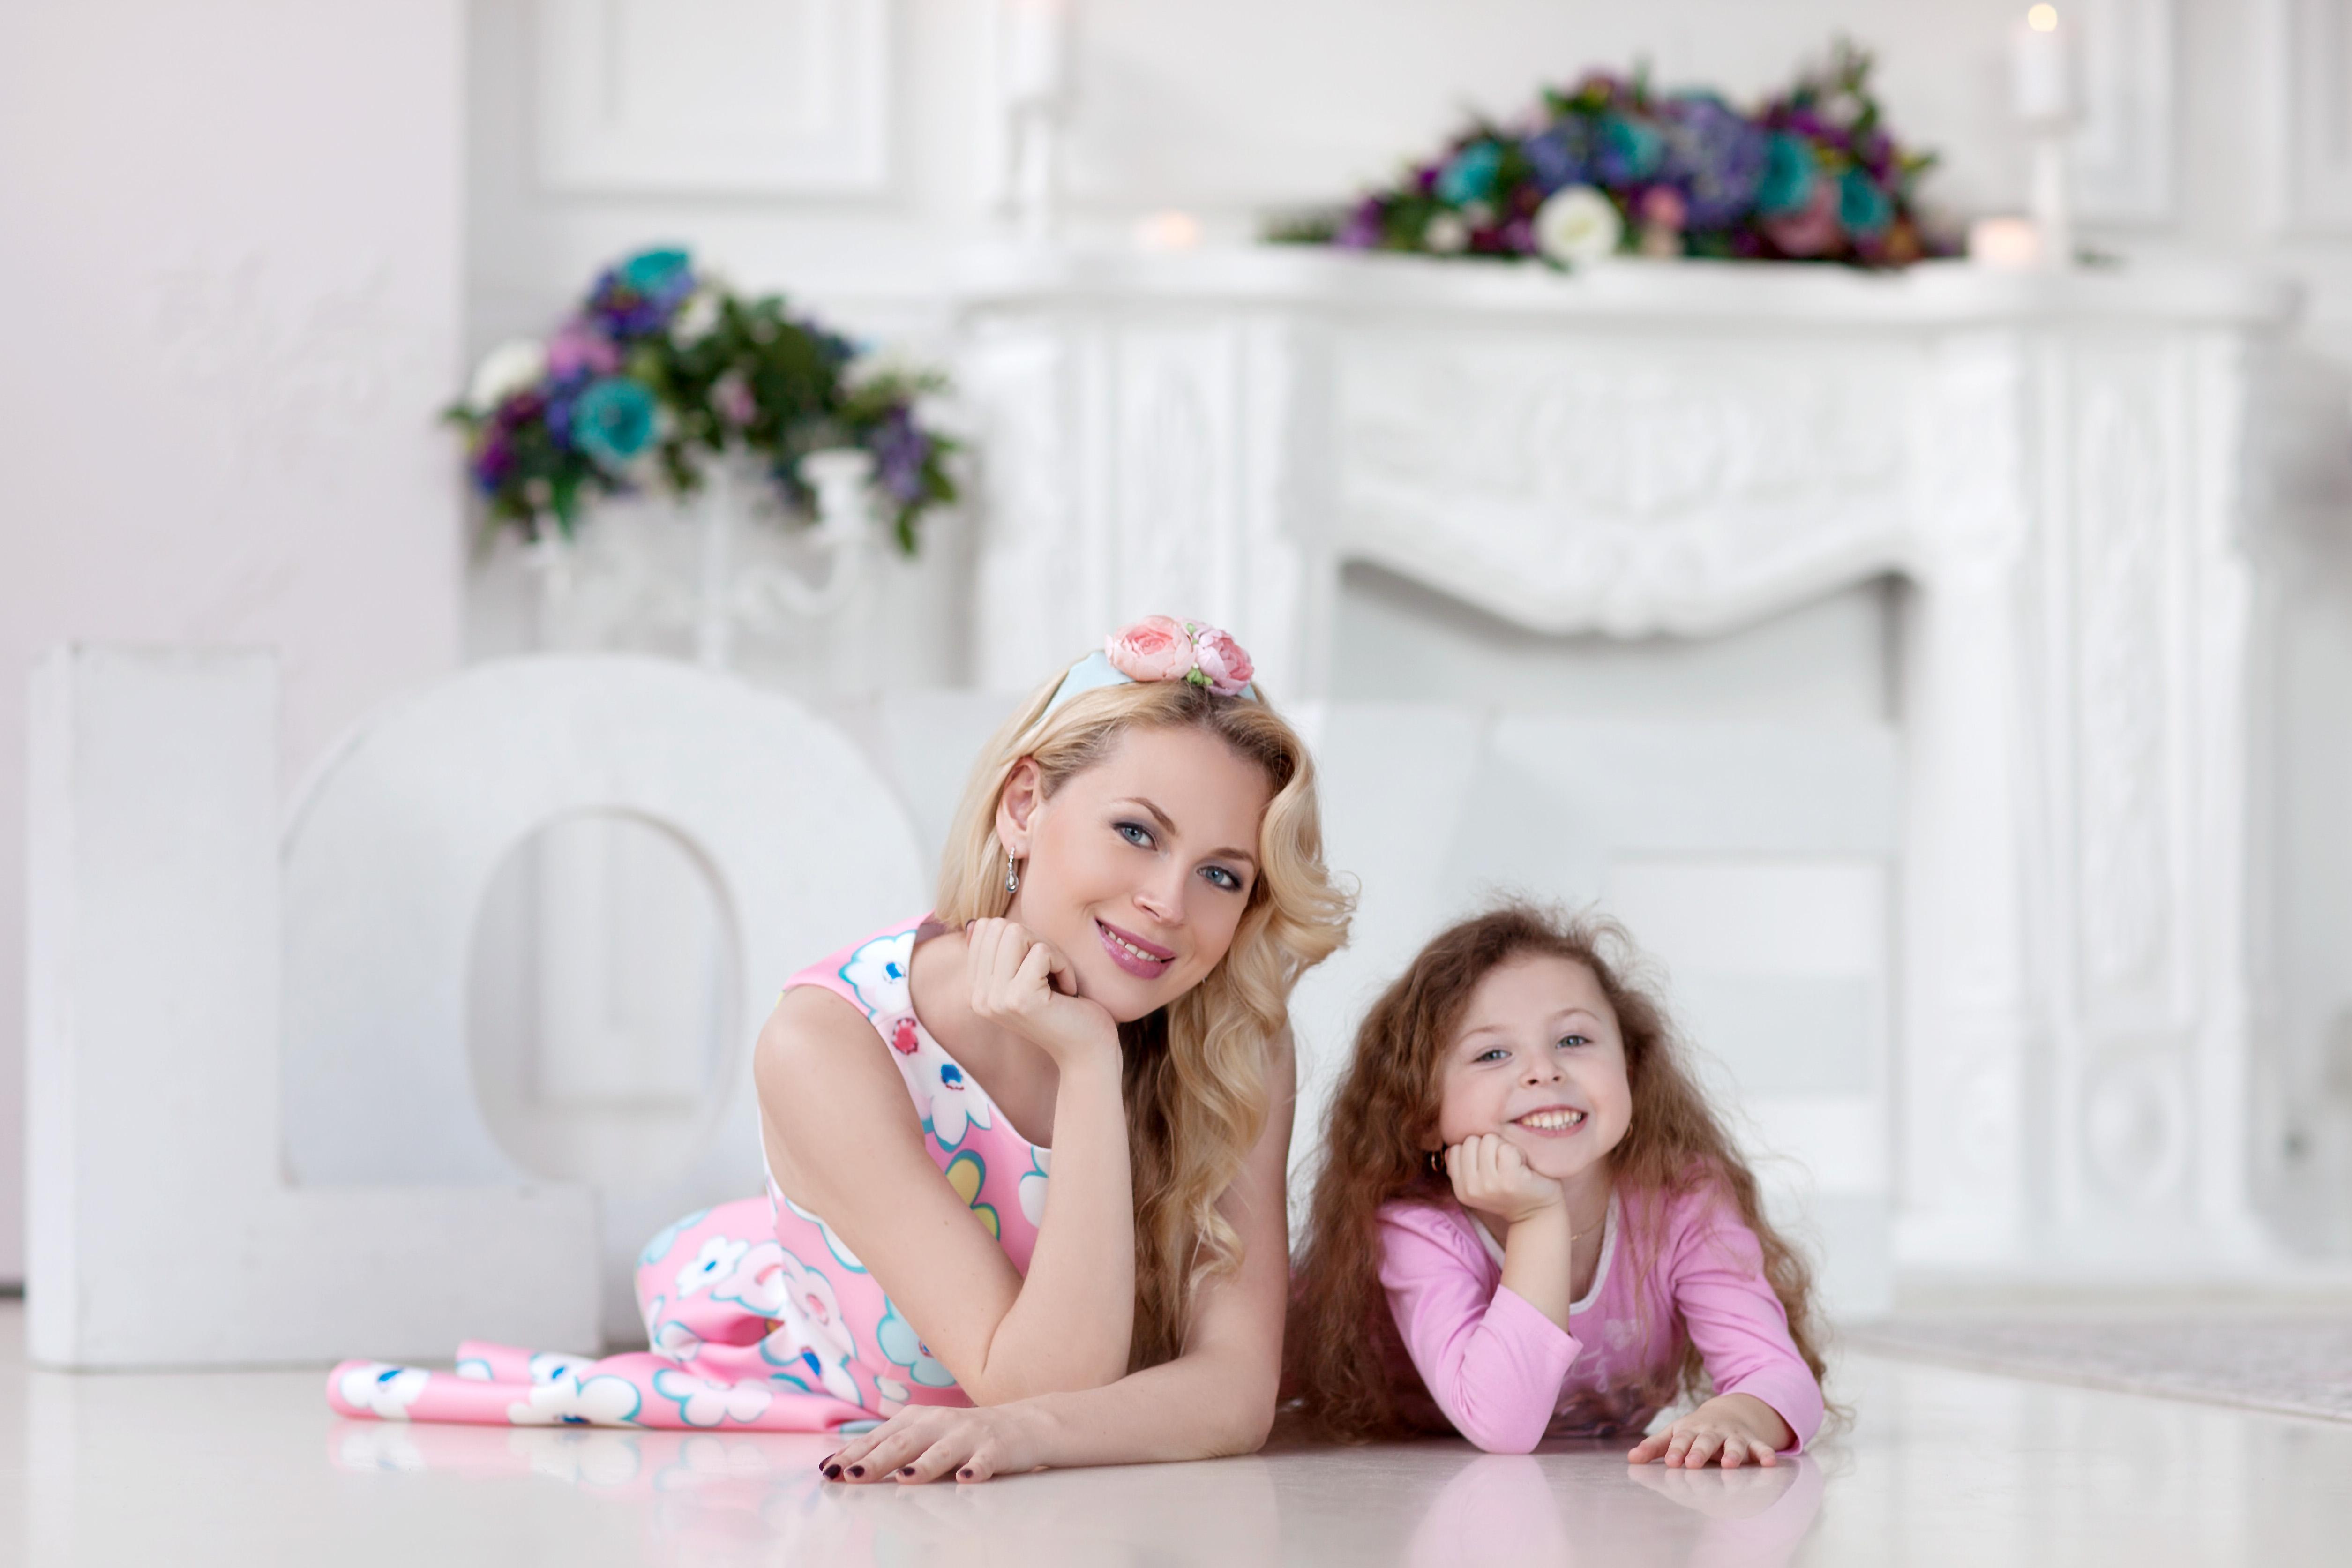 Оксана Скакун: Как создать бренд одежды для мам и дочек?